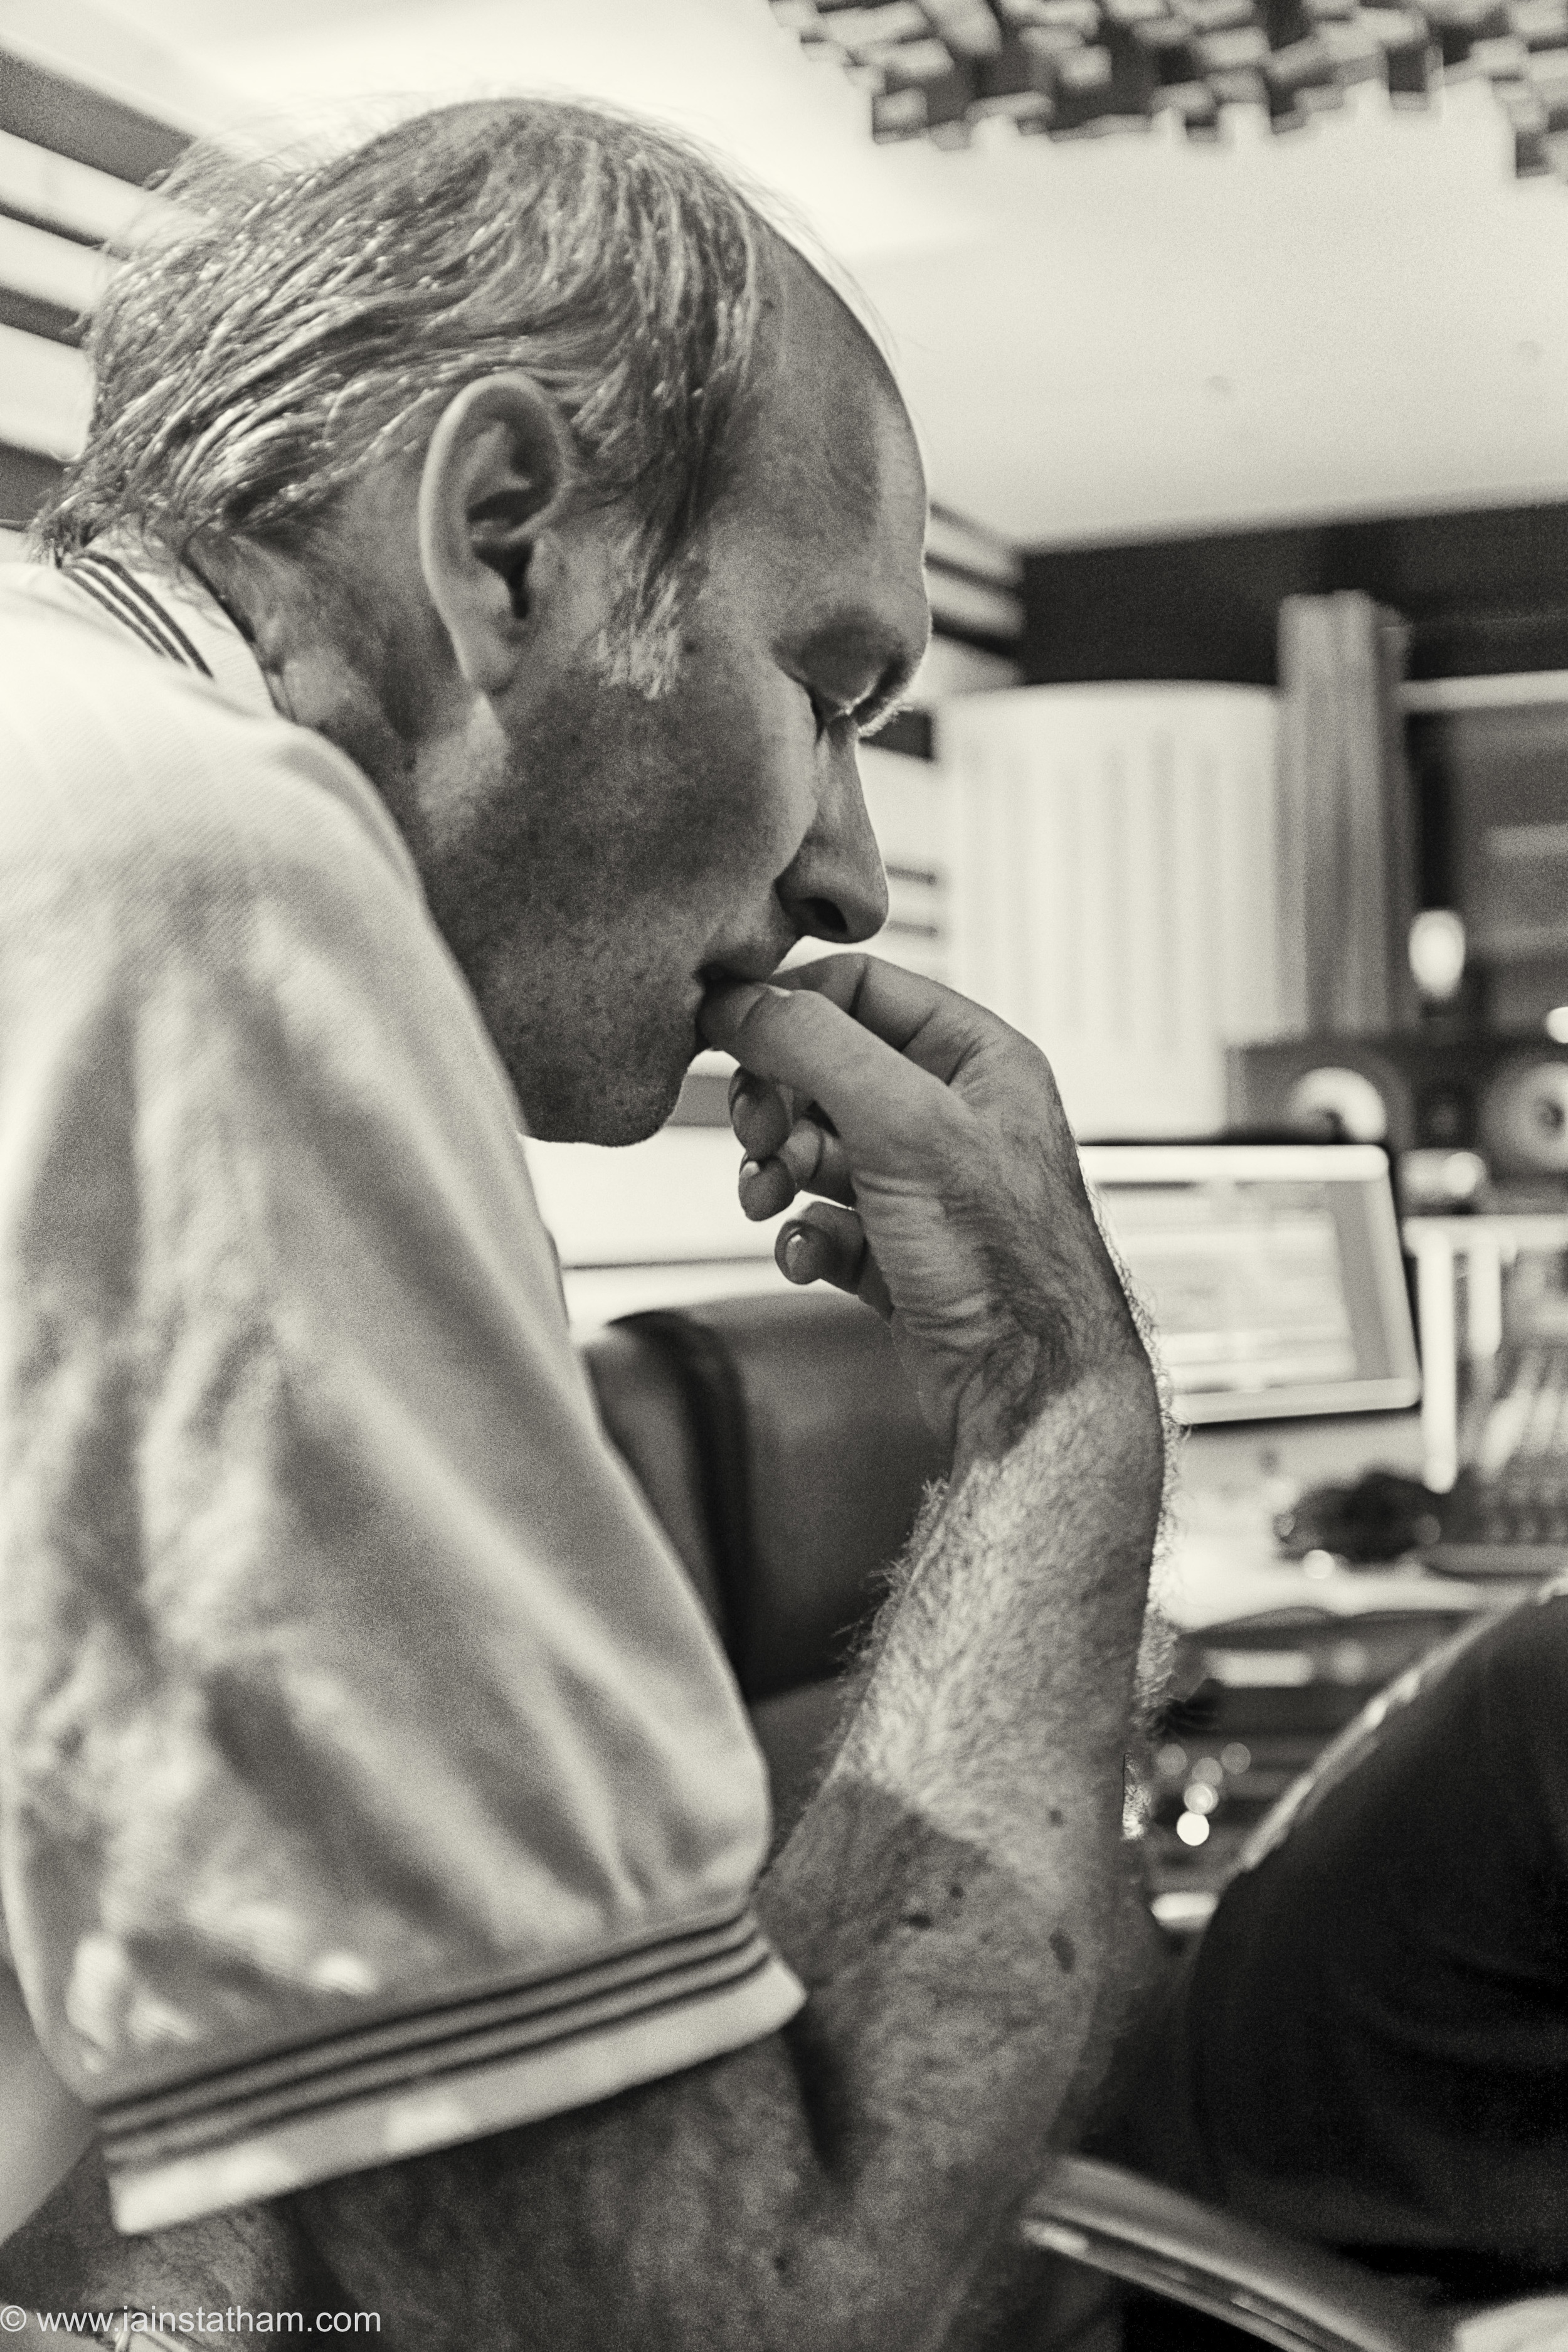 fr - music - mahognay - studio - bw - august 15-13.jpg